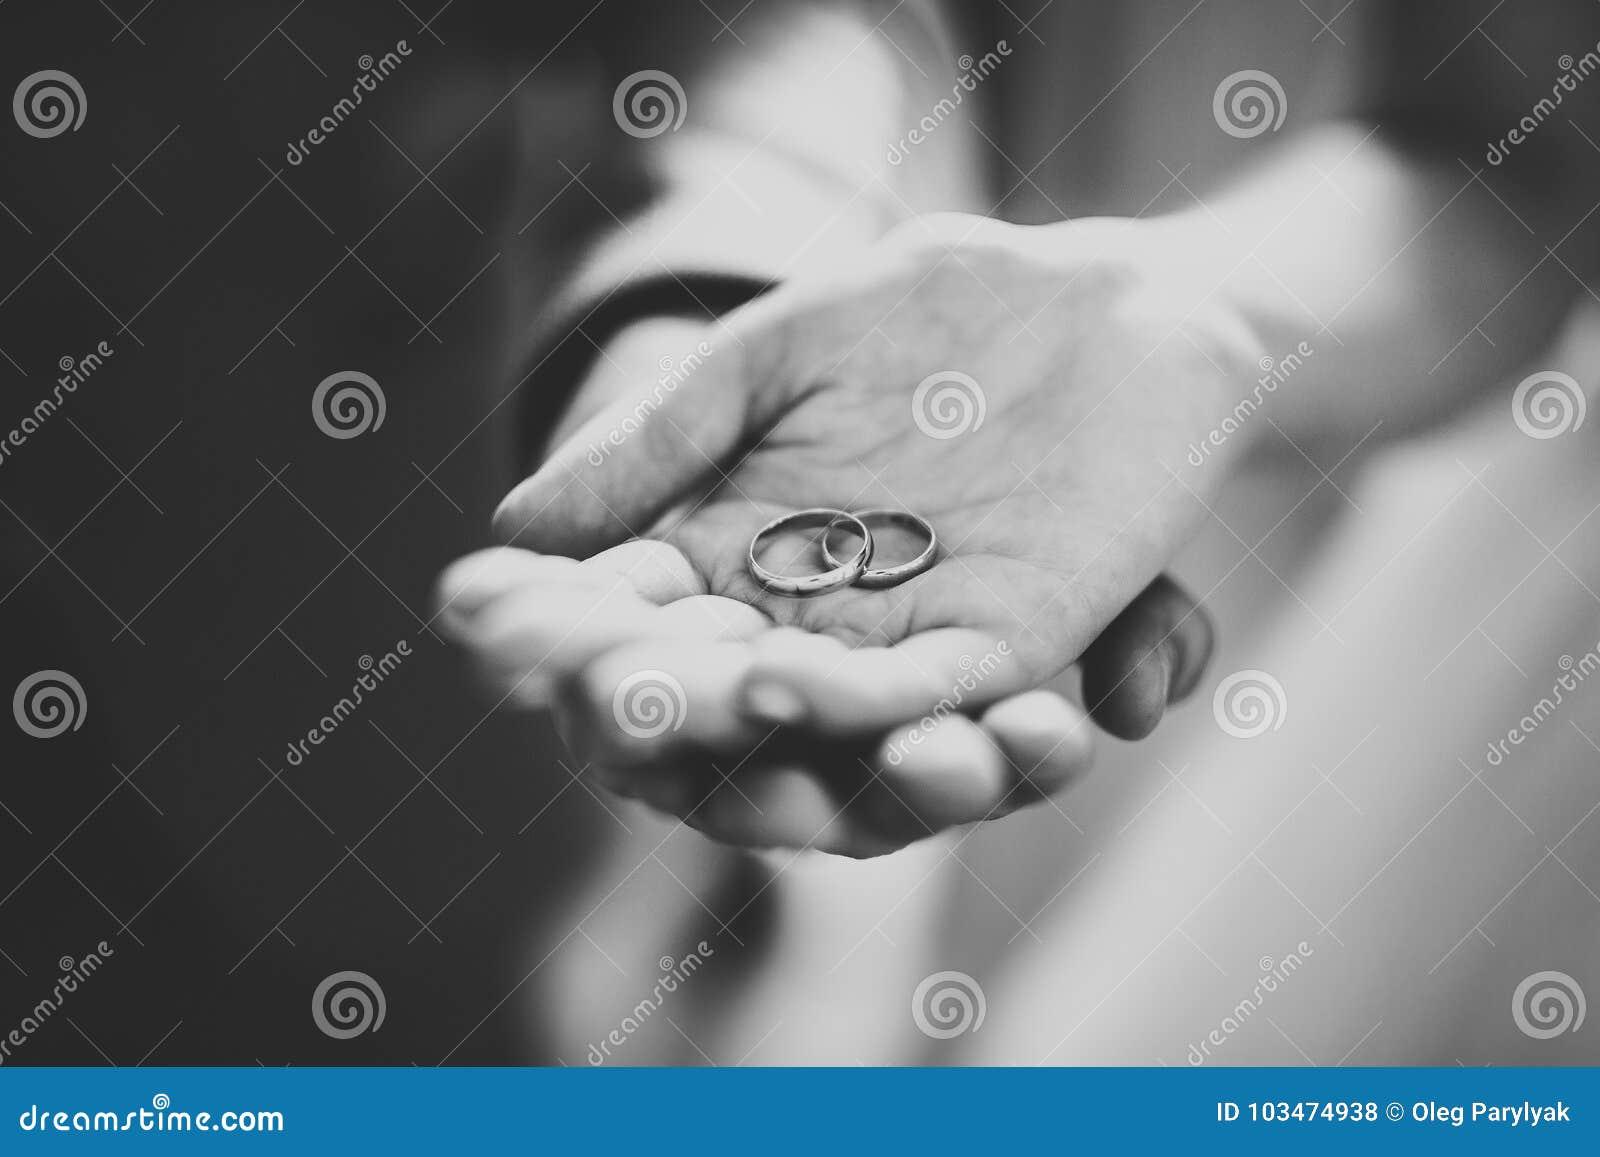 Жених и невеста обменивая обручальные кольца Стильная церемония должностного лица пар